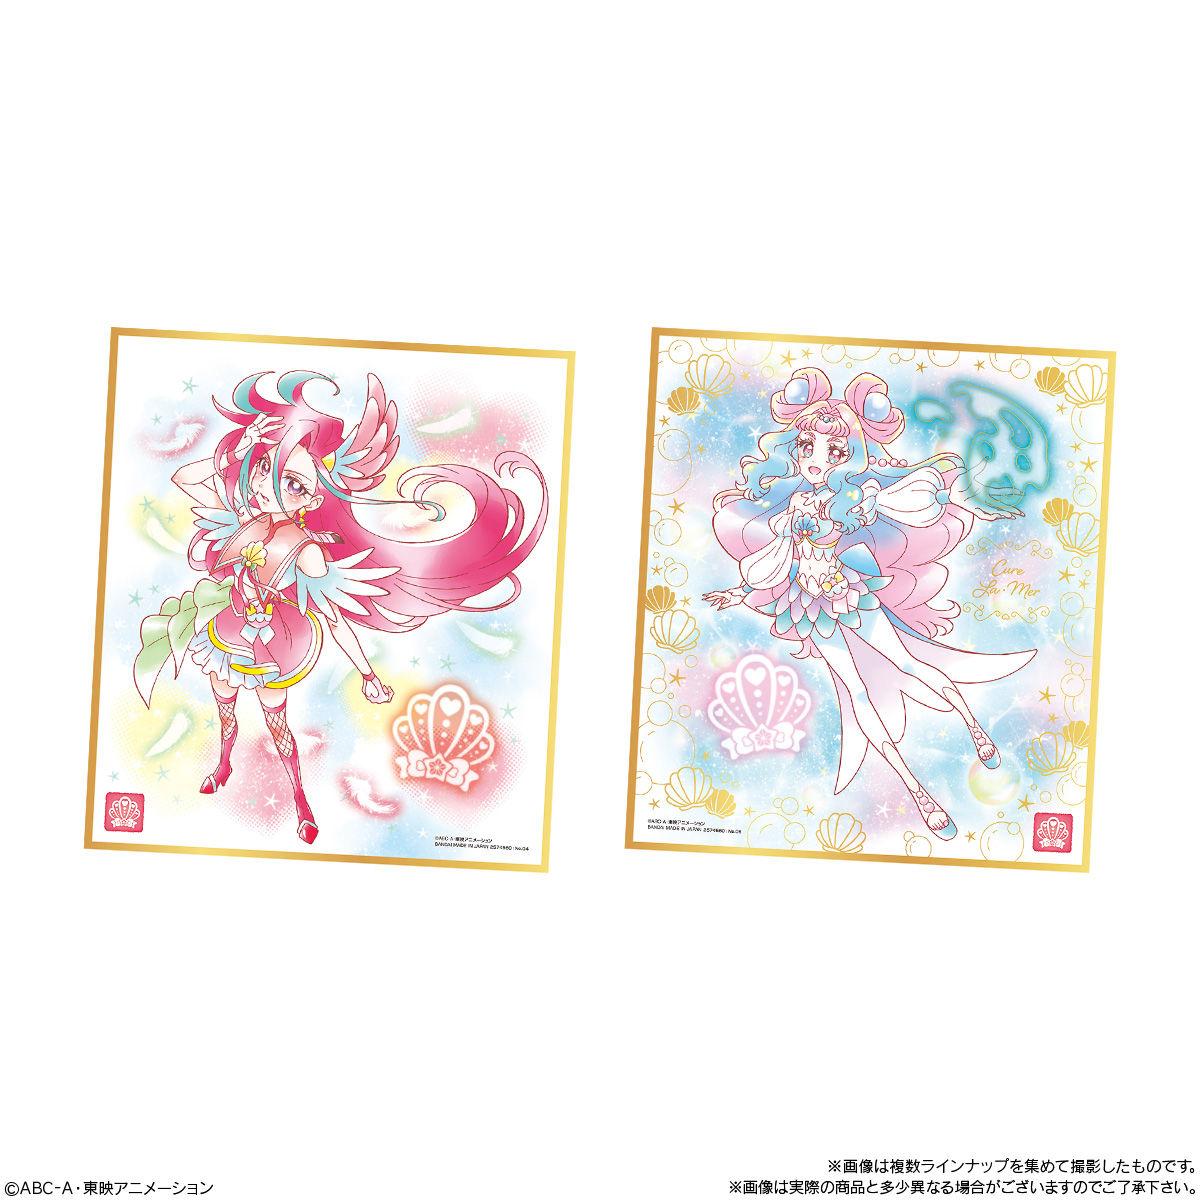 【食玩】プリキュア『プリキュア 色紙ART5』10個入りBOX-003